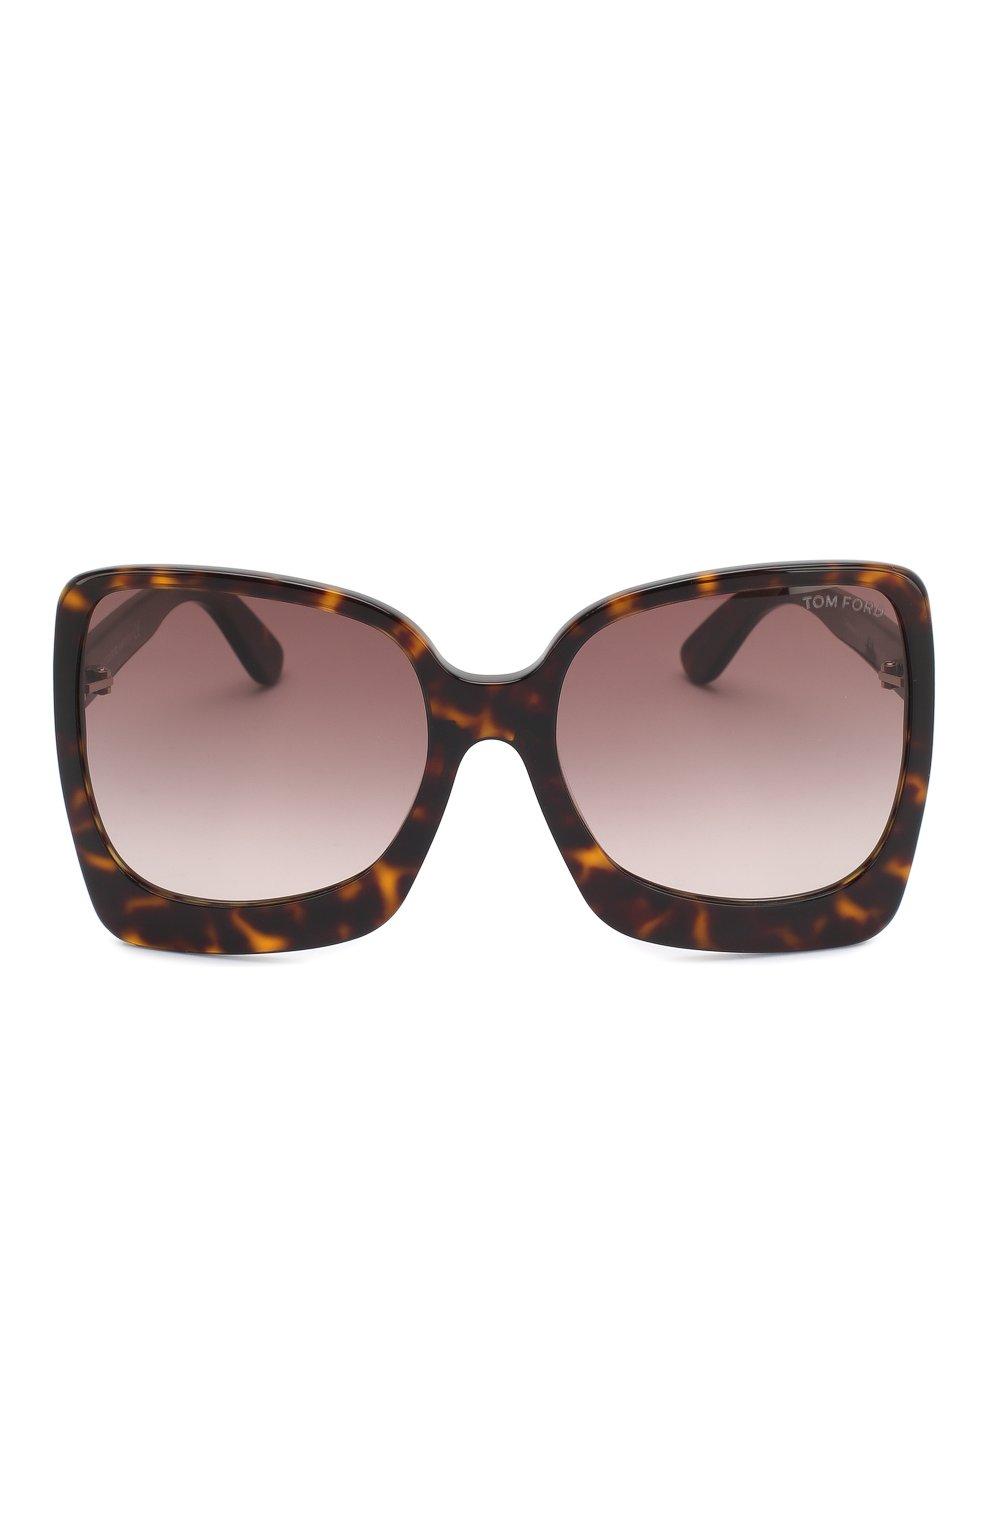 Женские солнцезащитные очки TOM FORD коричневого цвета, арт. TF618 | Фото 3